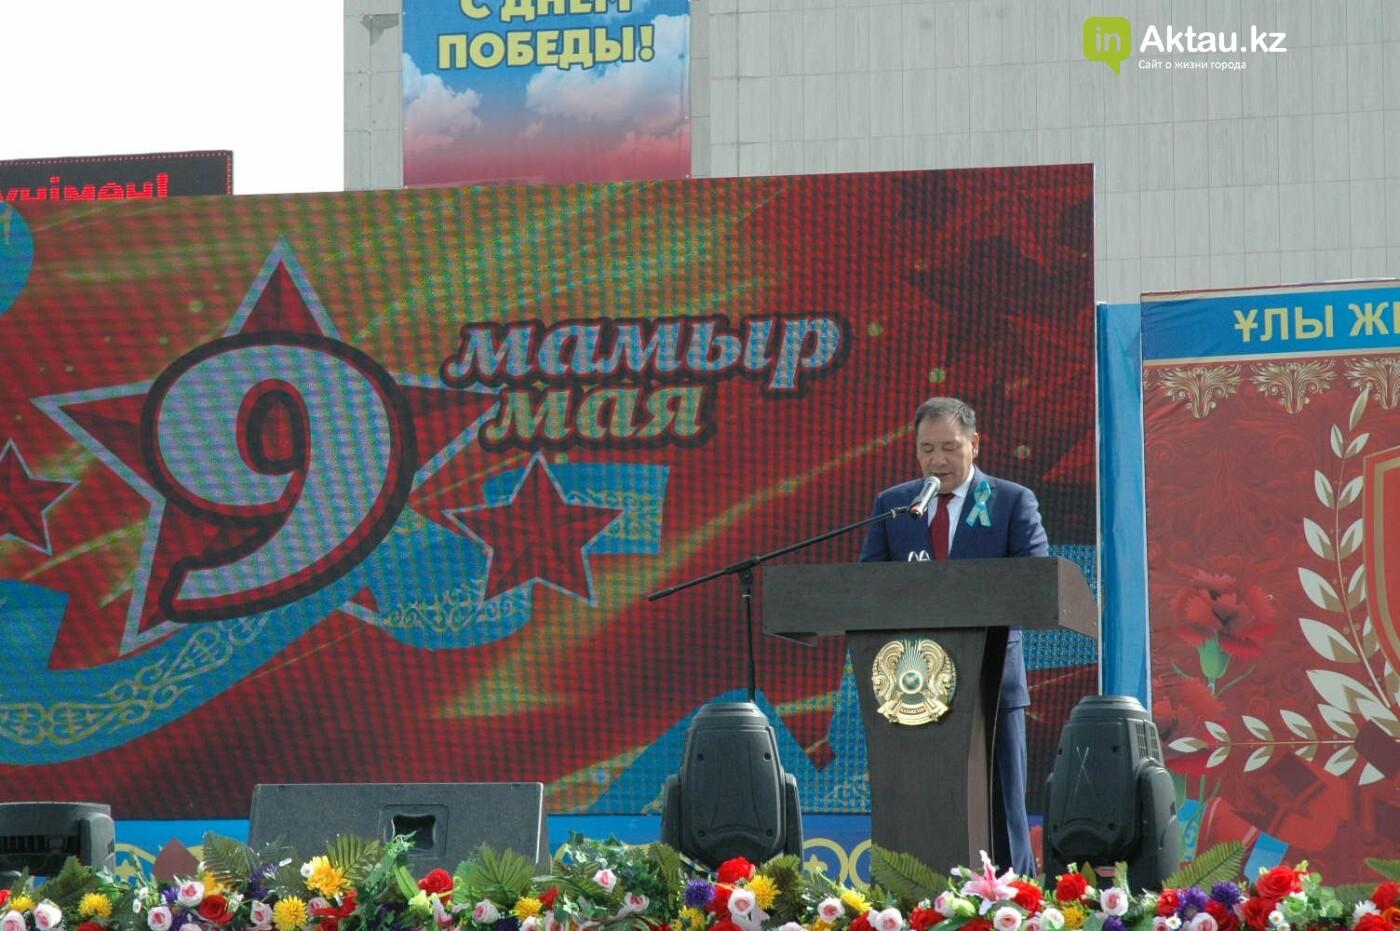 Как праздновали День Победы в Актау (ВИДЕО), фото-69